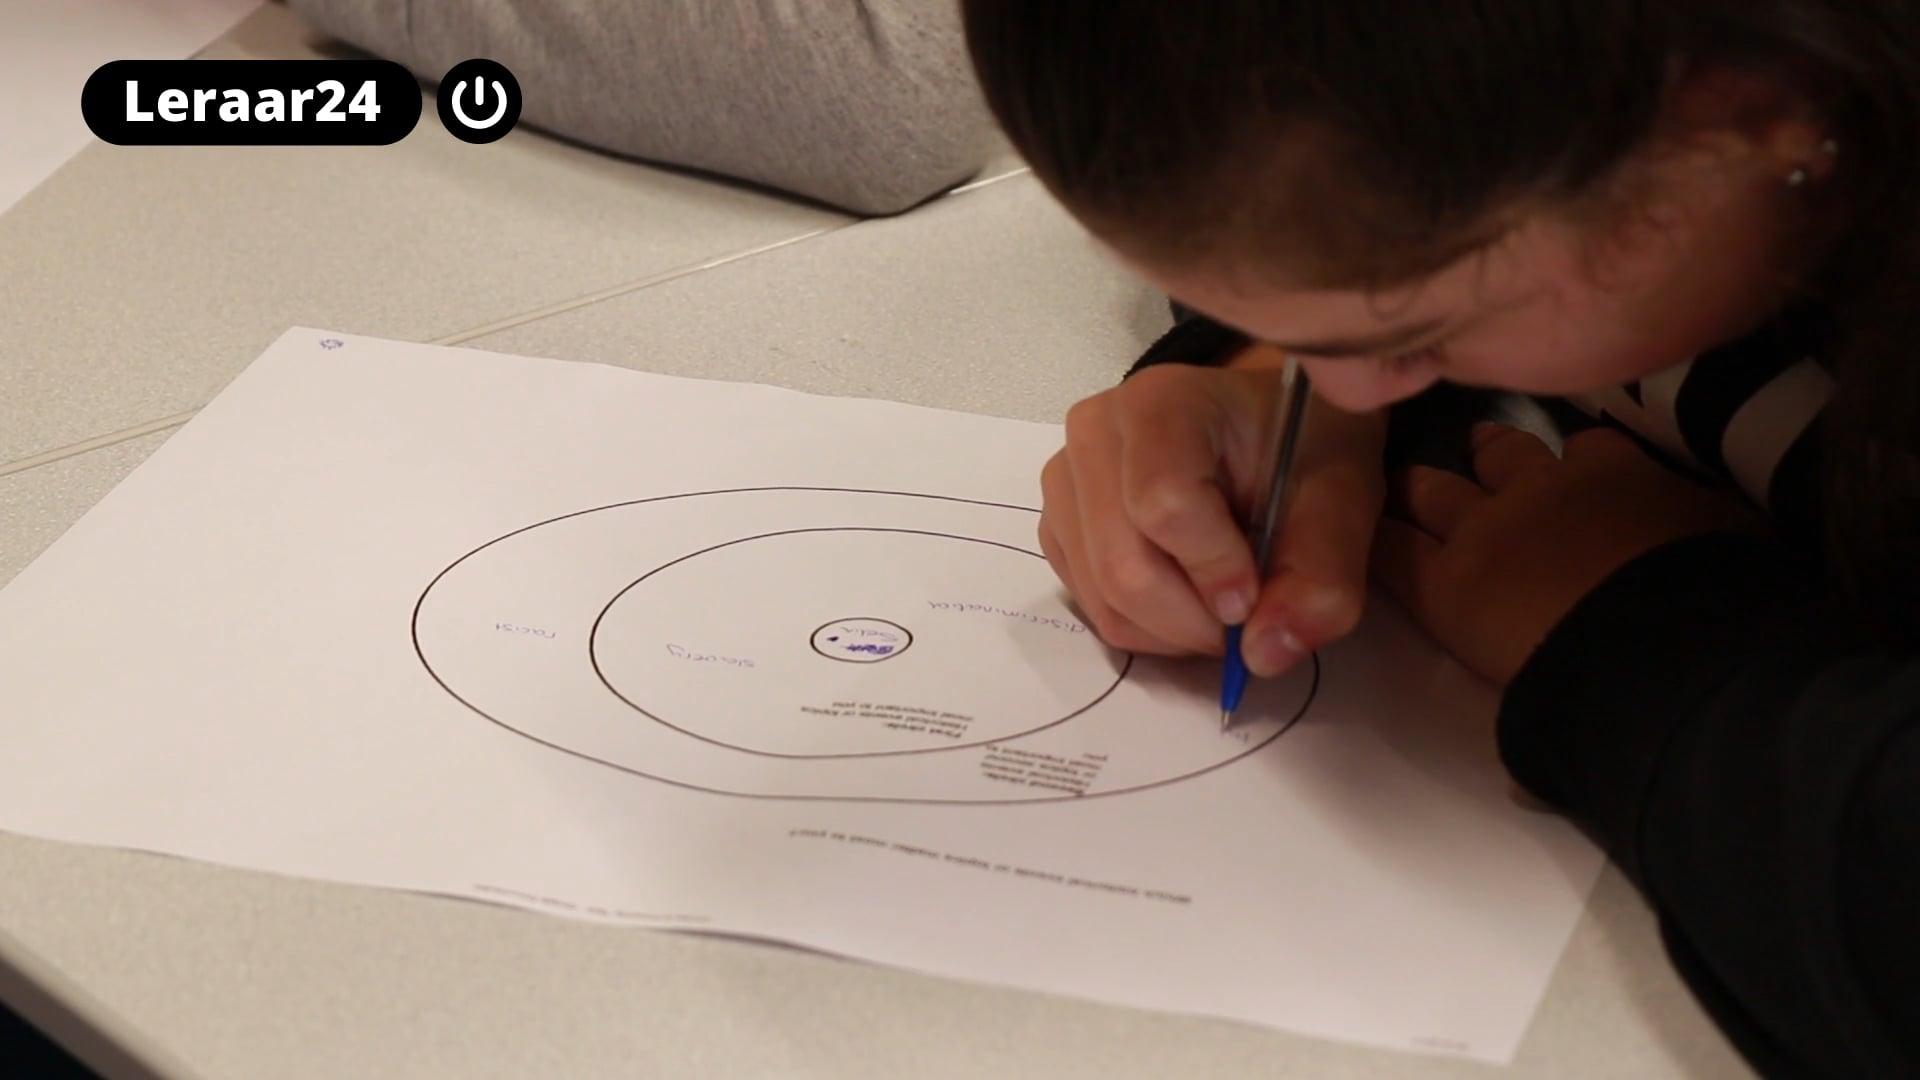 Leerlinge schrijft in de circle of proximity